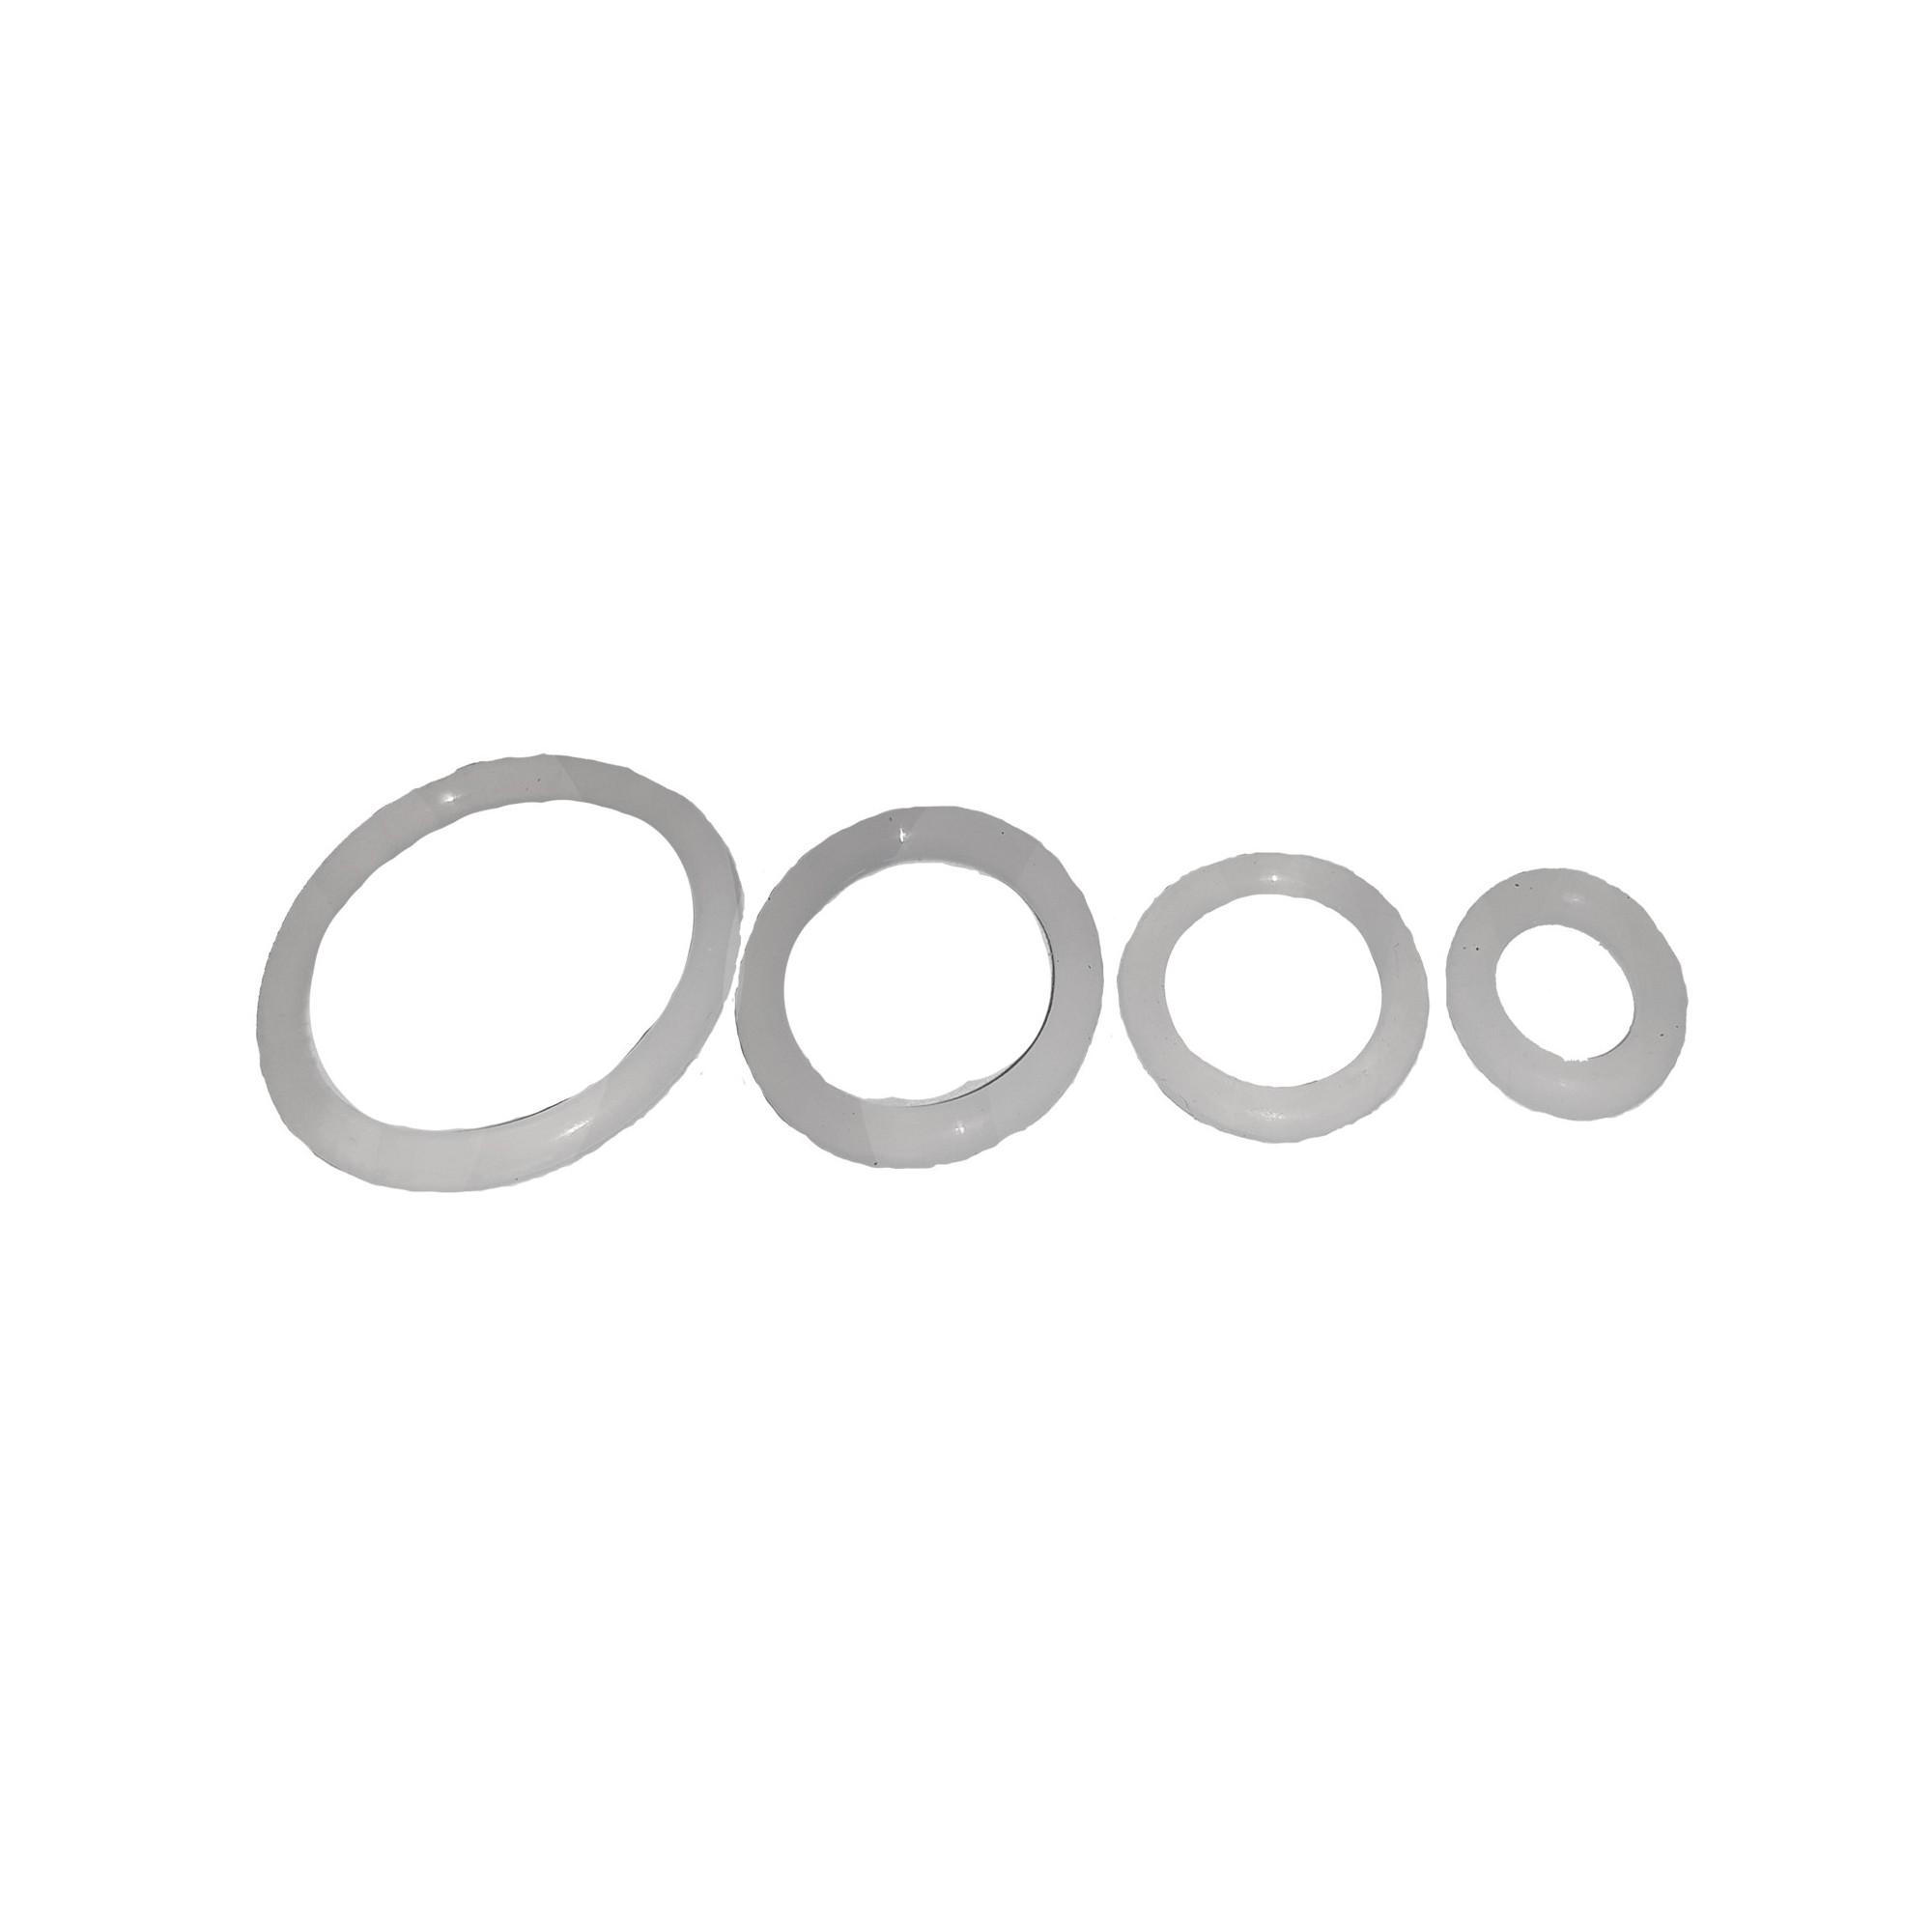 Упаковка колец силиконовых 100 шт пищевых термостойких 12.5мм*7.5мм*2.5мм J.G. - 1